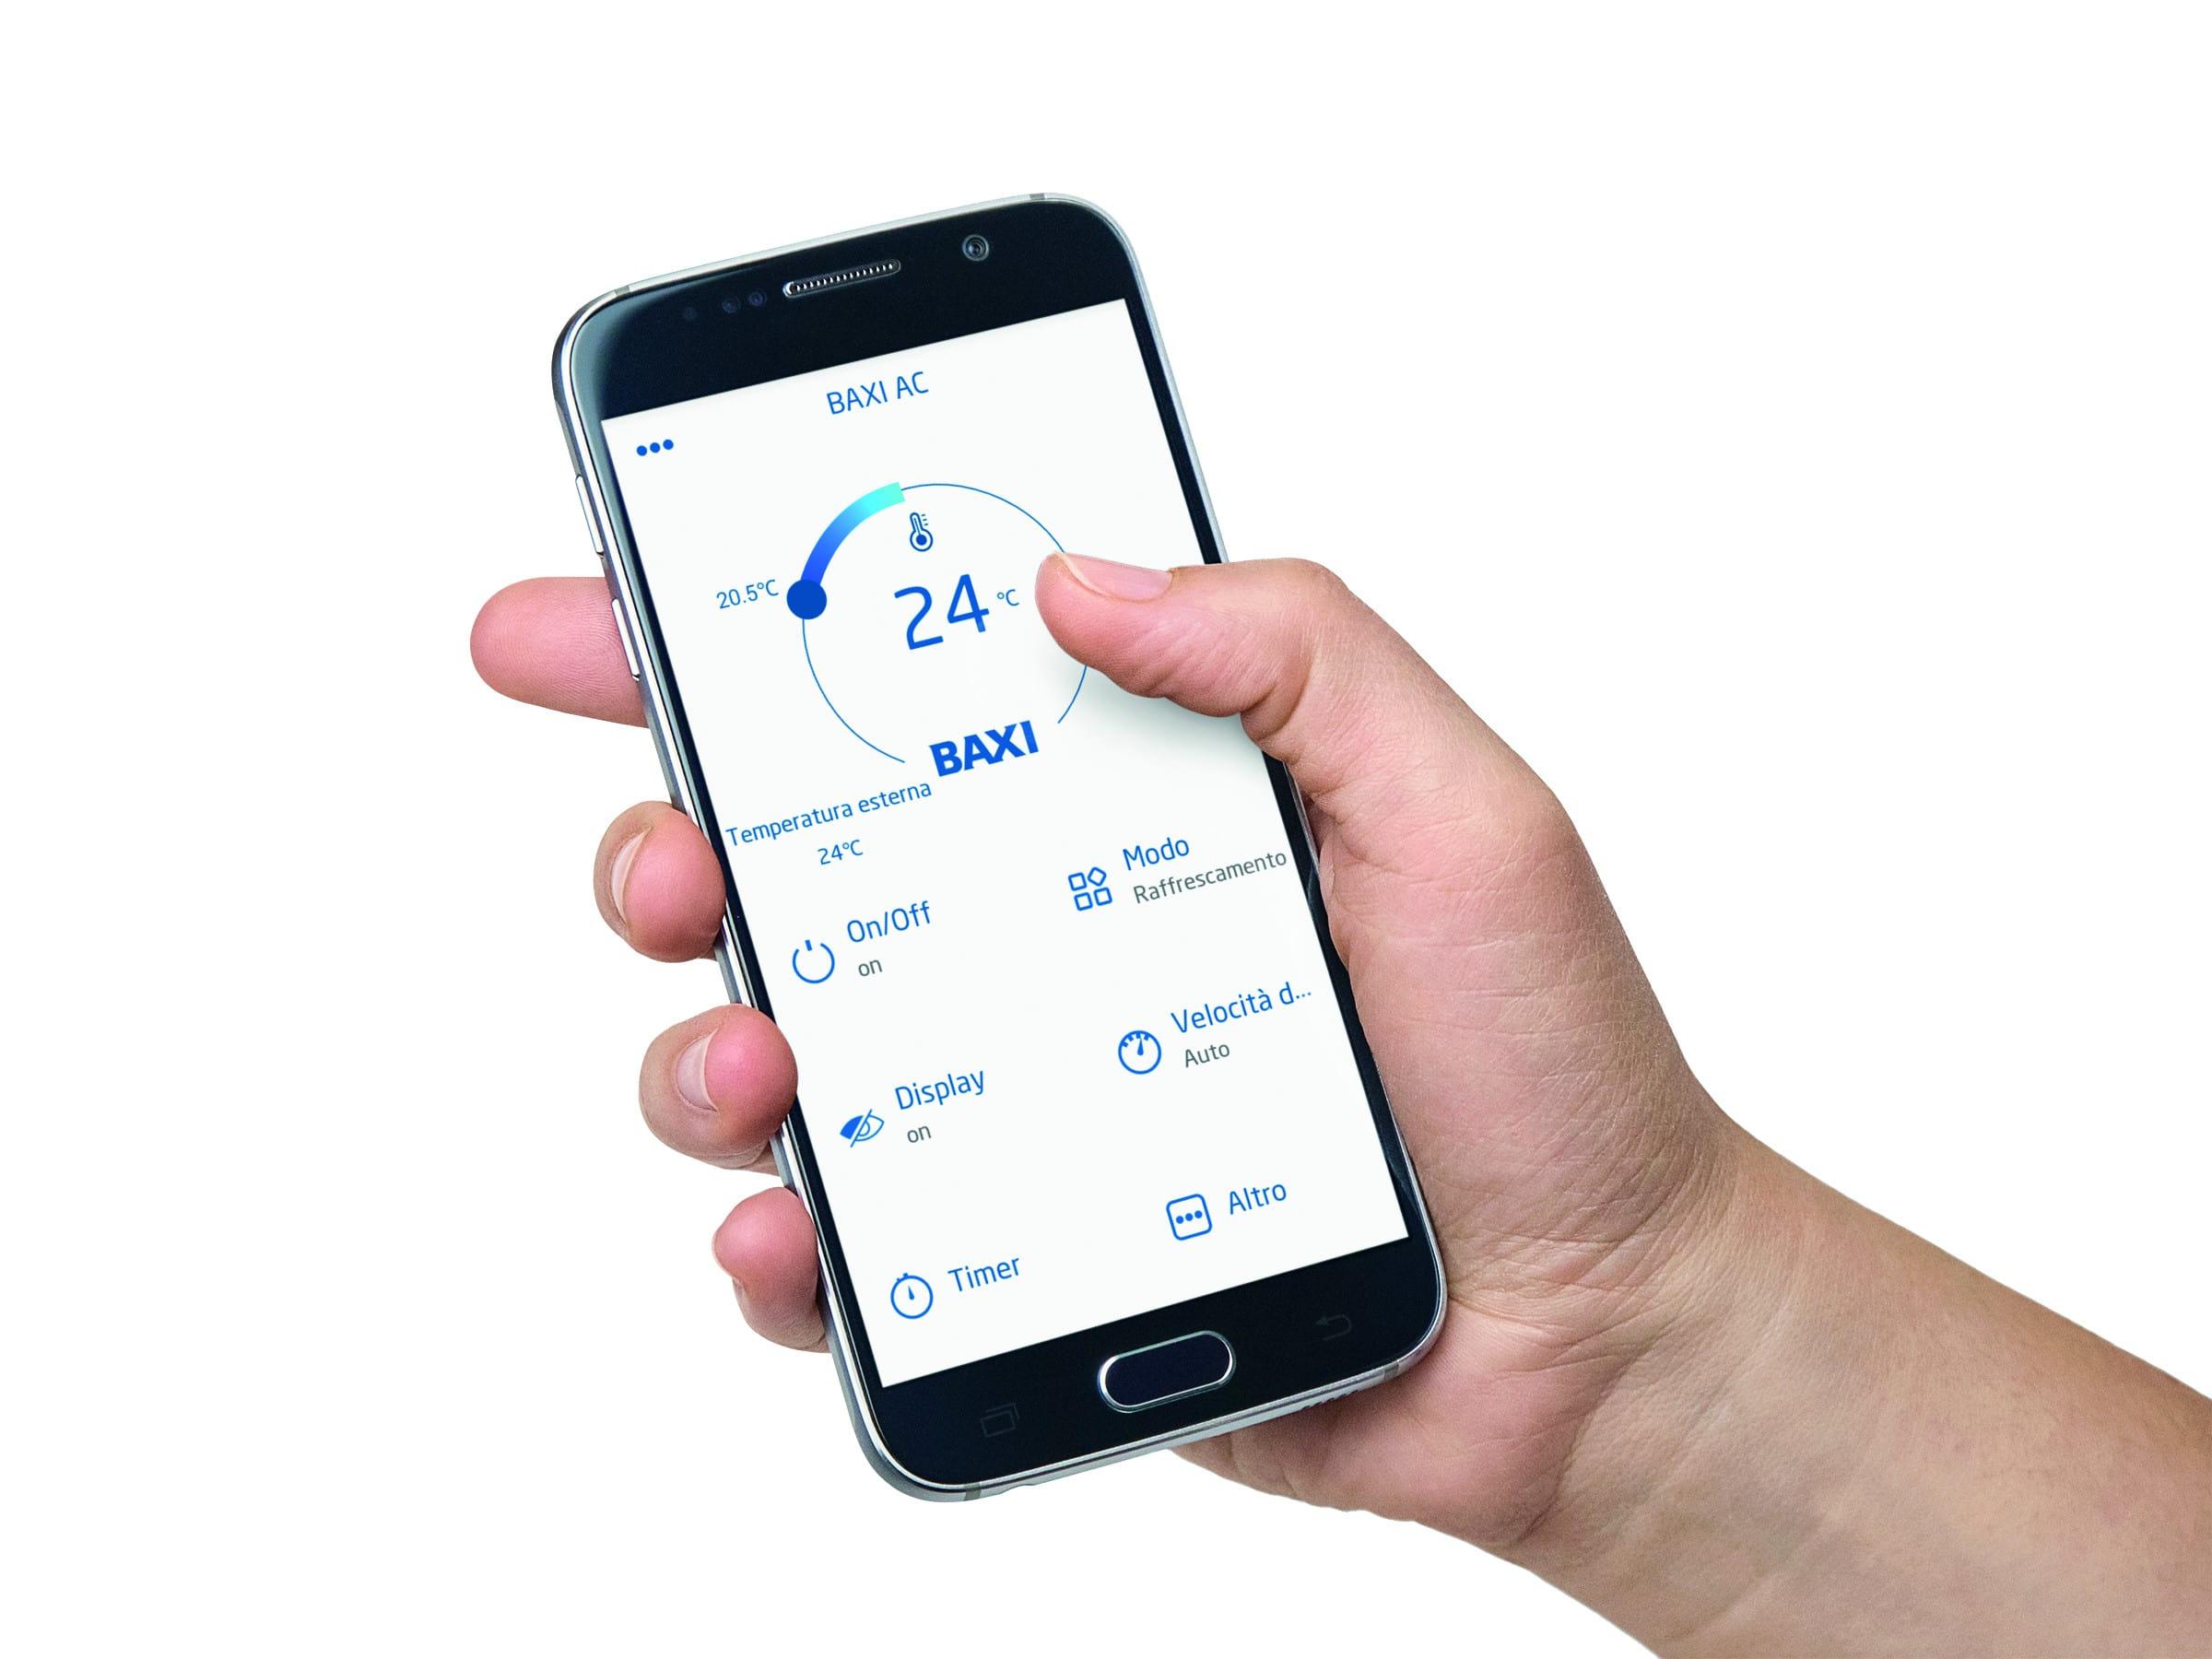 baxi app air connect